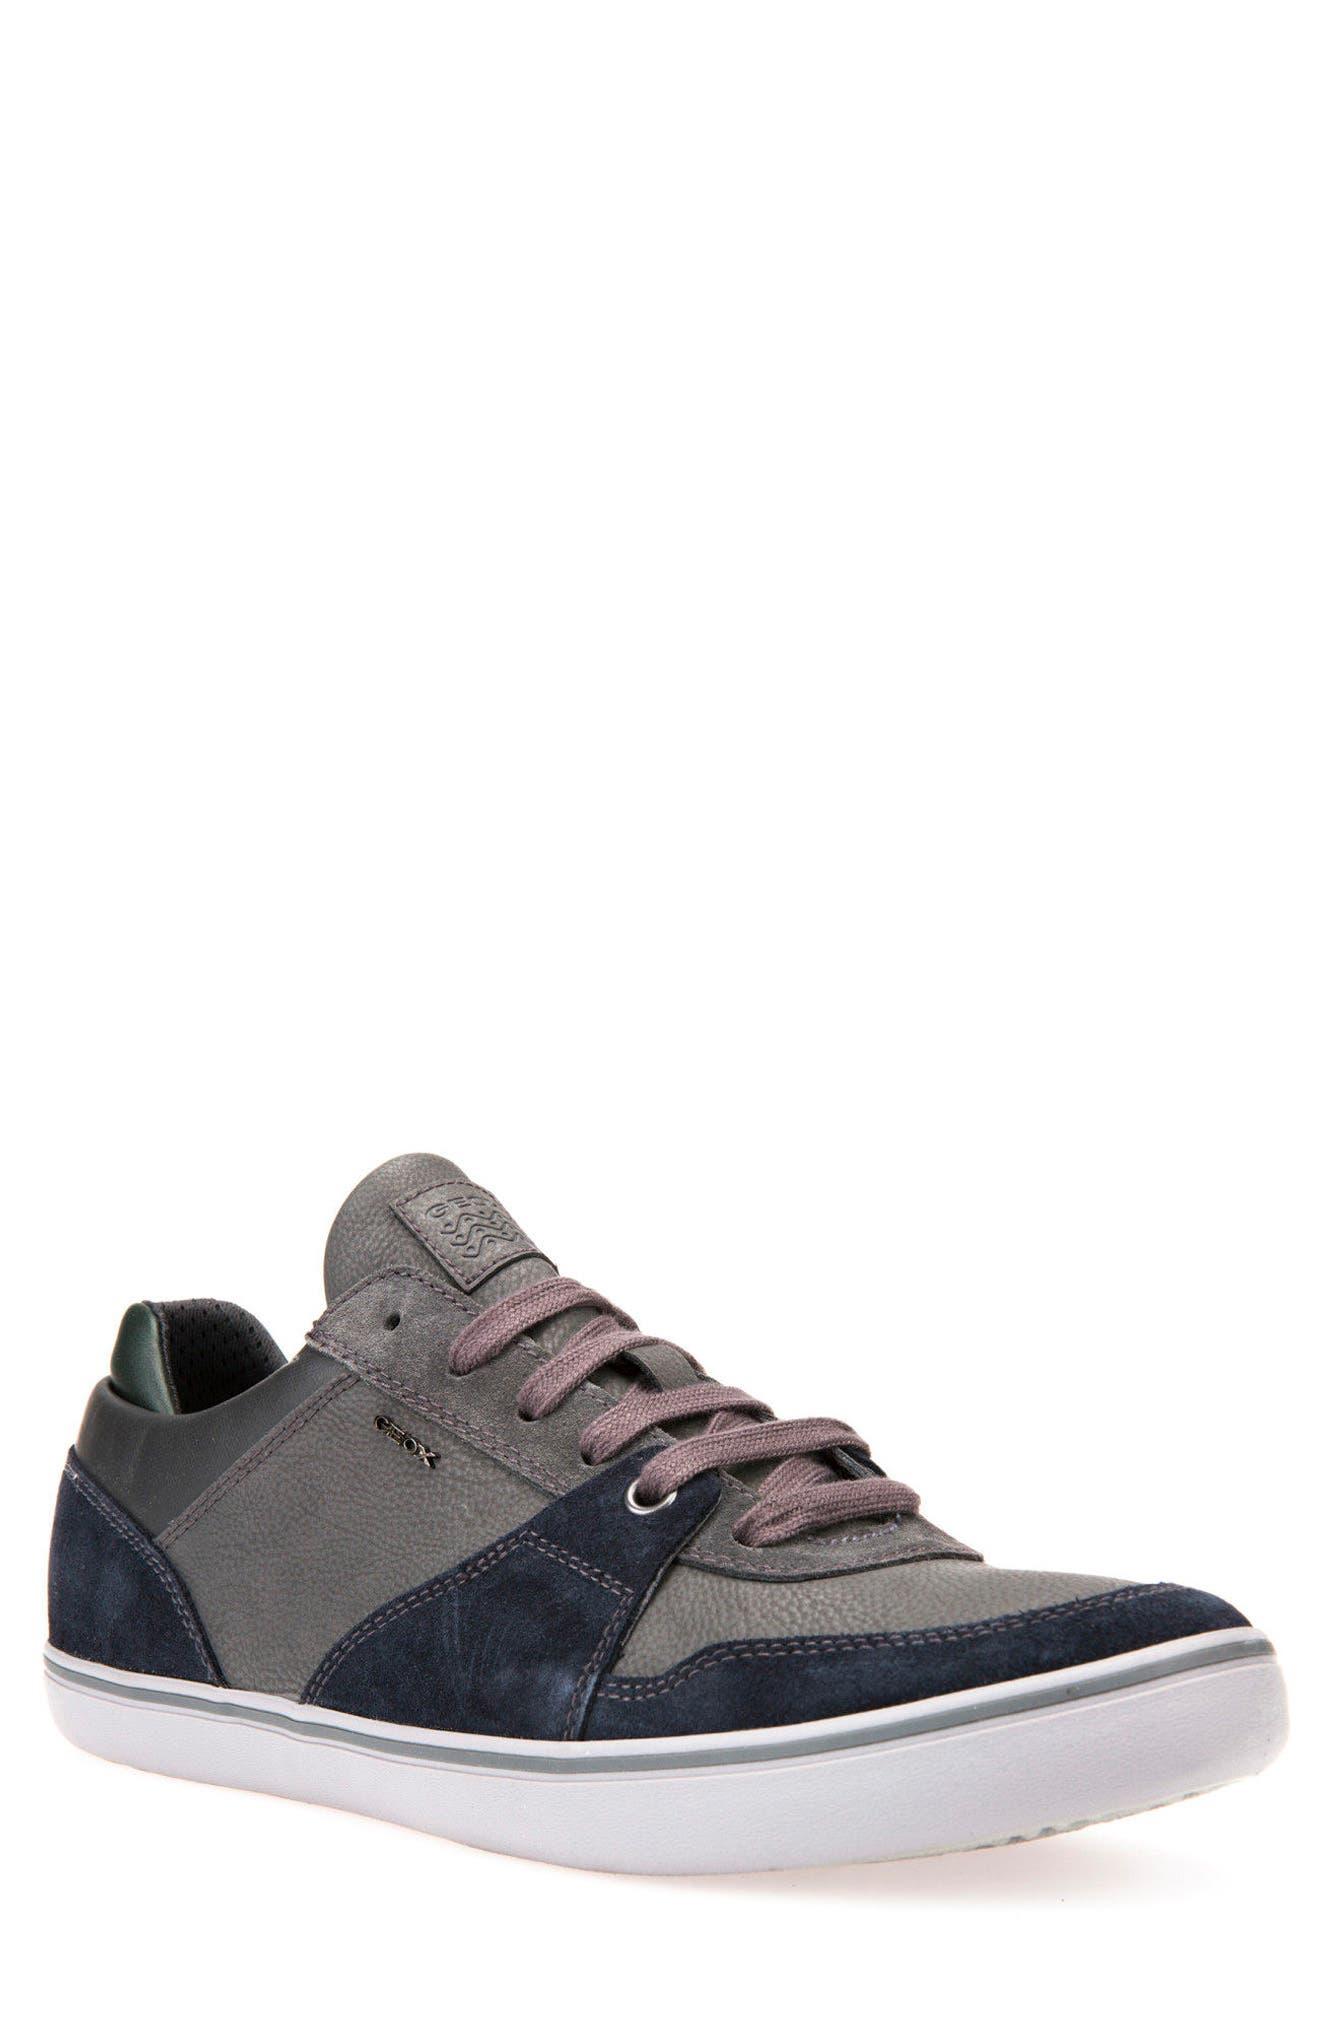 Box 26 Low Top Sneaker,                         Main,                         color, 461